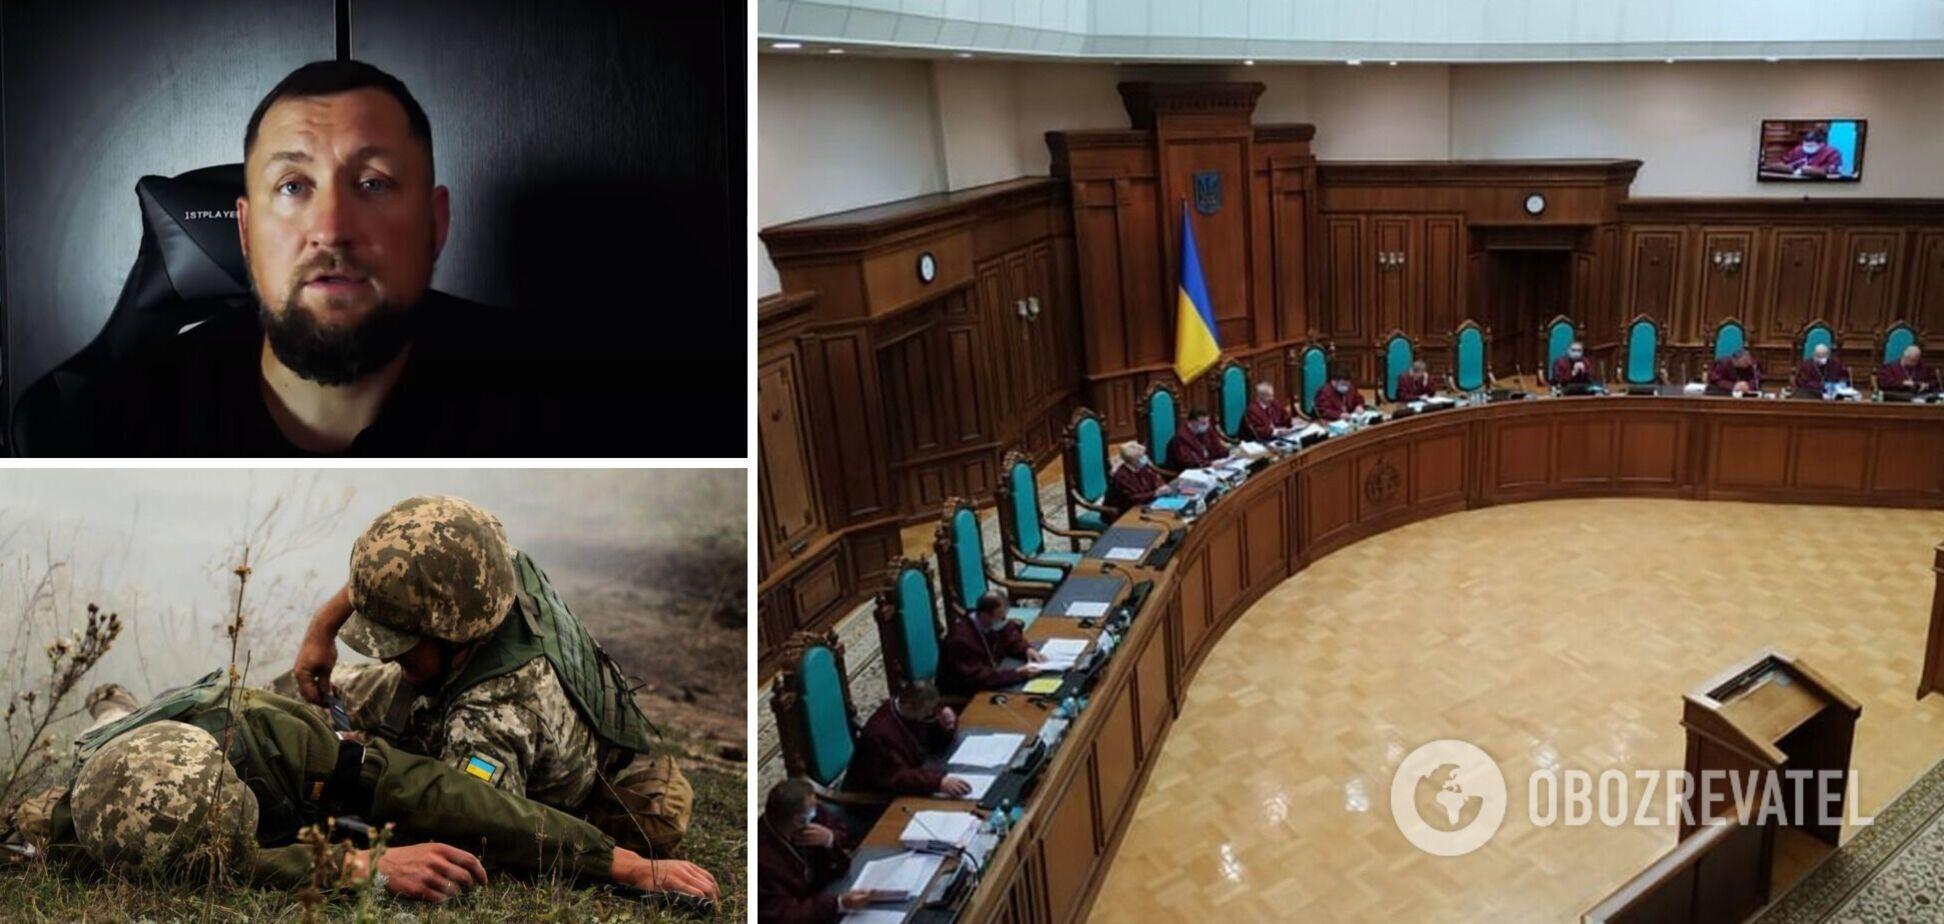 Новости Украины: против экс-главы КСУ закрыли дело, а в Харькове спецназ задержал блогера